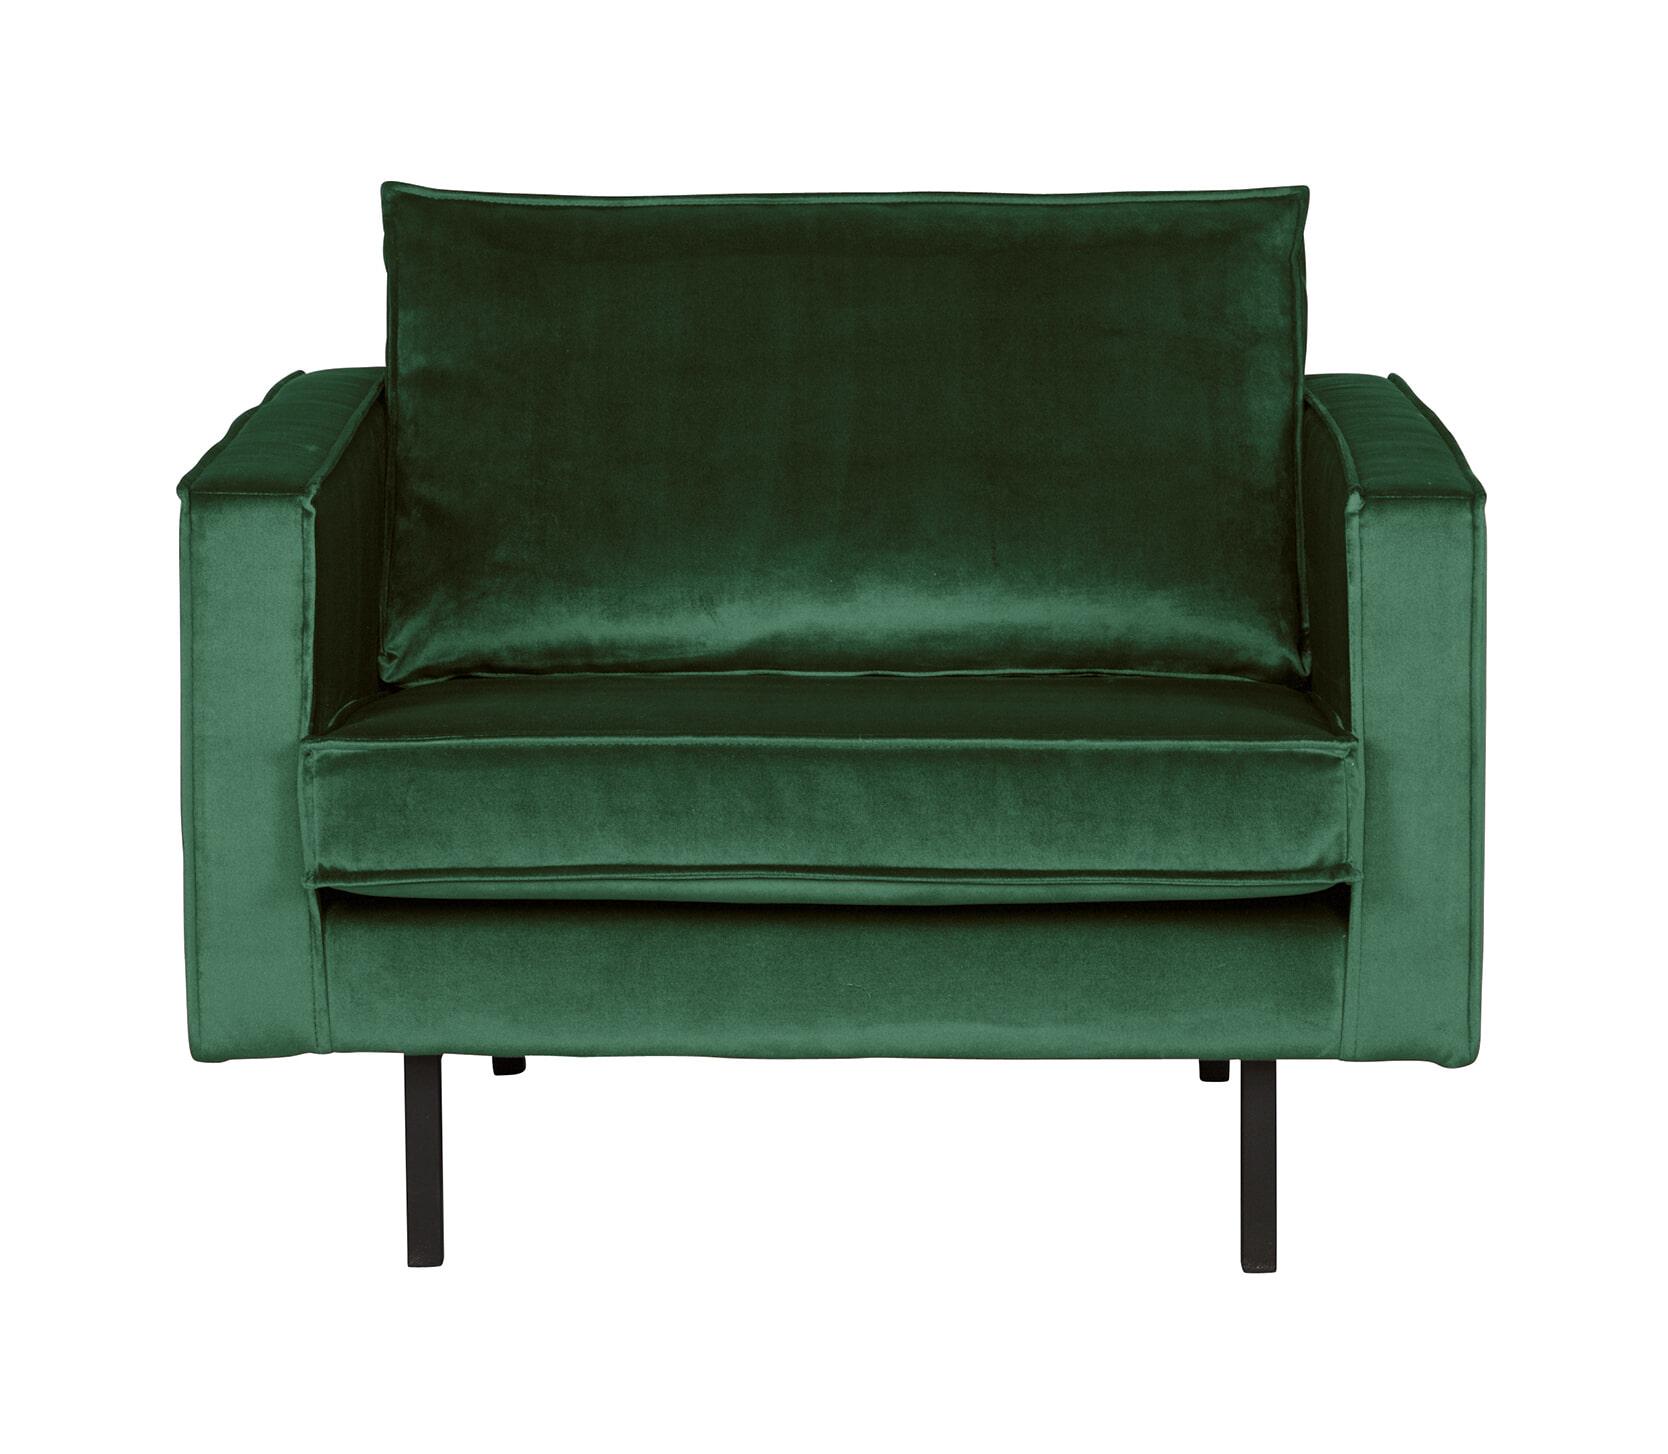 BePureHome Fauteuil 'Rodeo' Velvet, kleur Forest Green met voordeel snel in huis via Meubel Partner